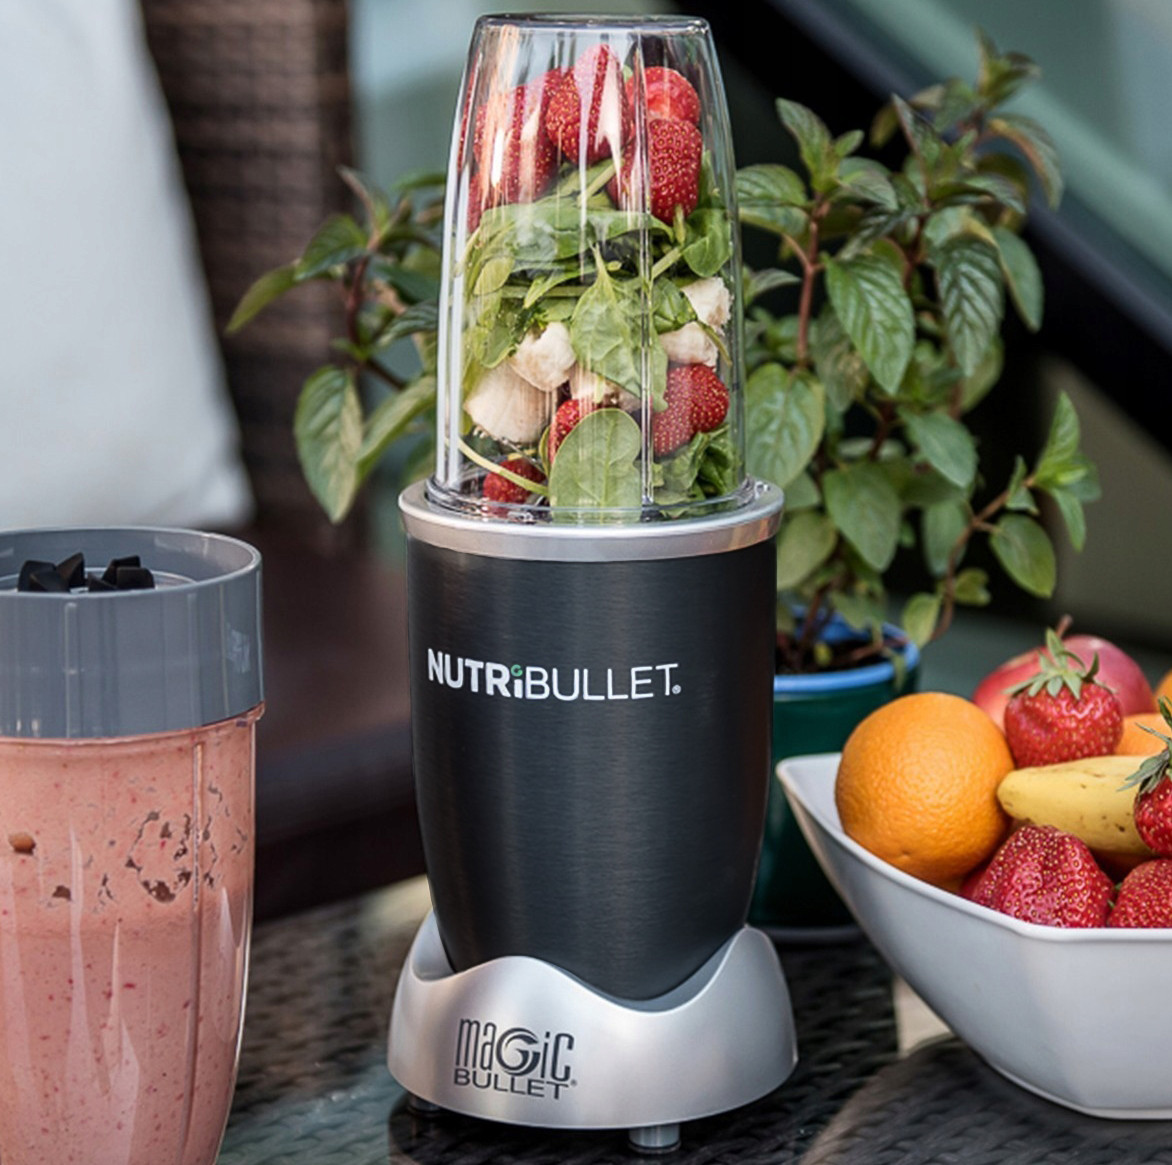 🔥 Стационарный блендер экстрактор Nutribullet 600W для фруктов и овощей